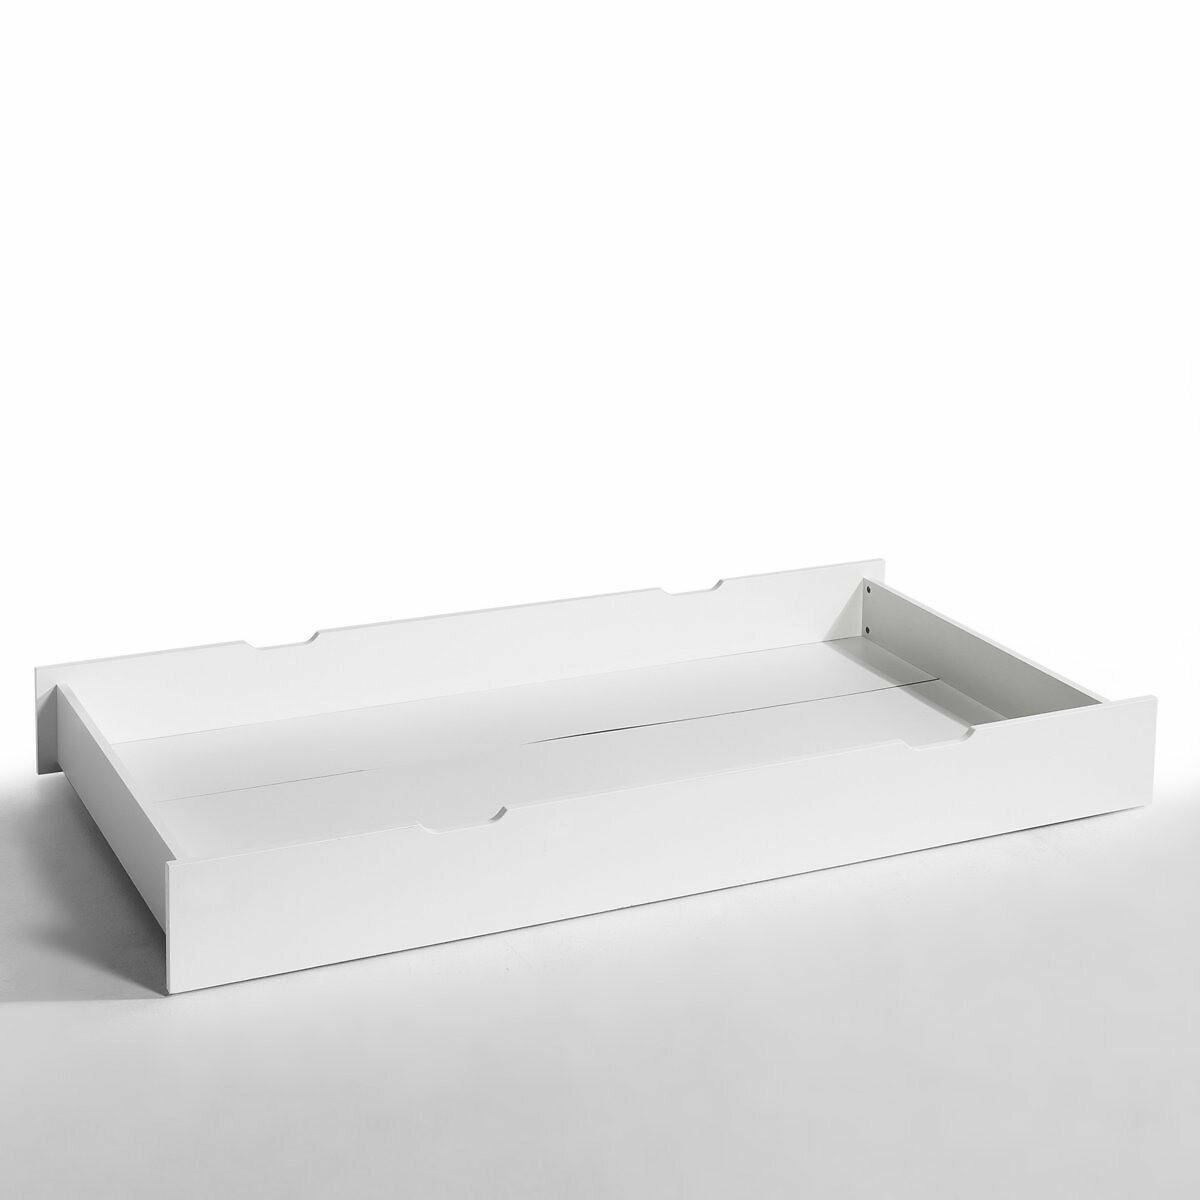 Ящик LaRedoute Для кровати Pilha единый размер белый